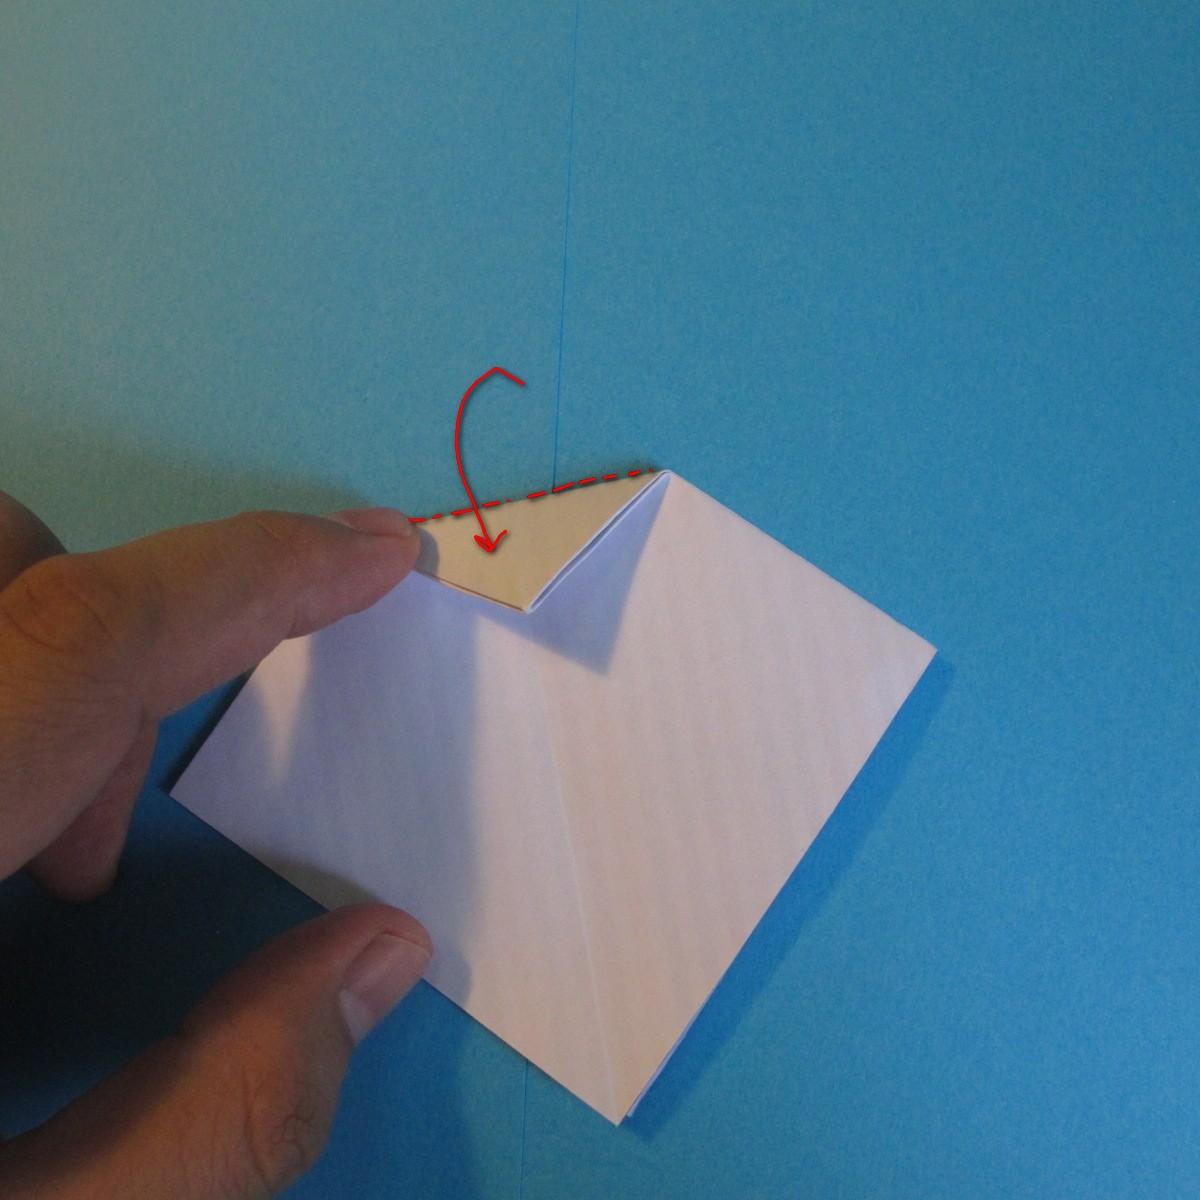 วิธีการพับกระดาษเป็นโบว์หูกระต่าย 005